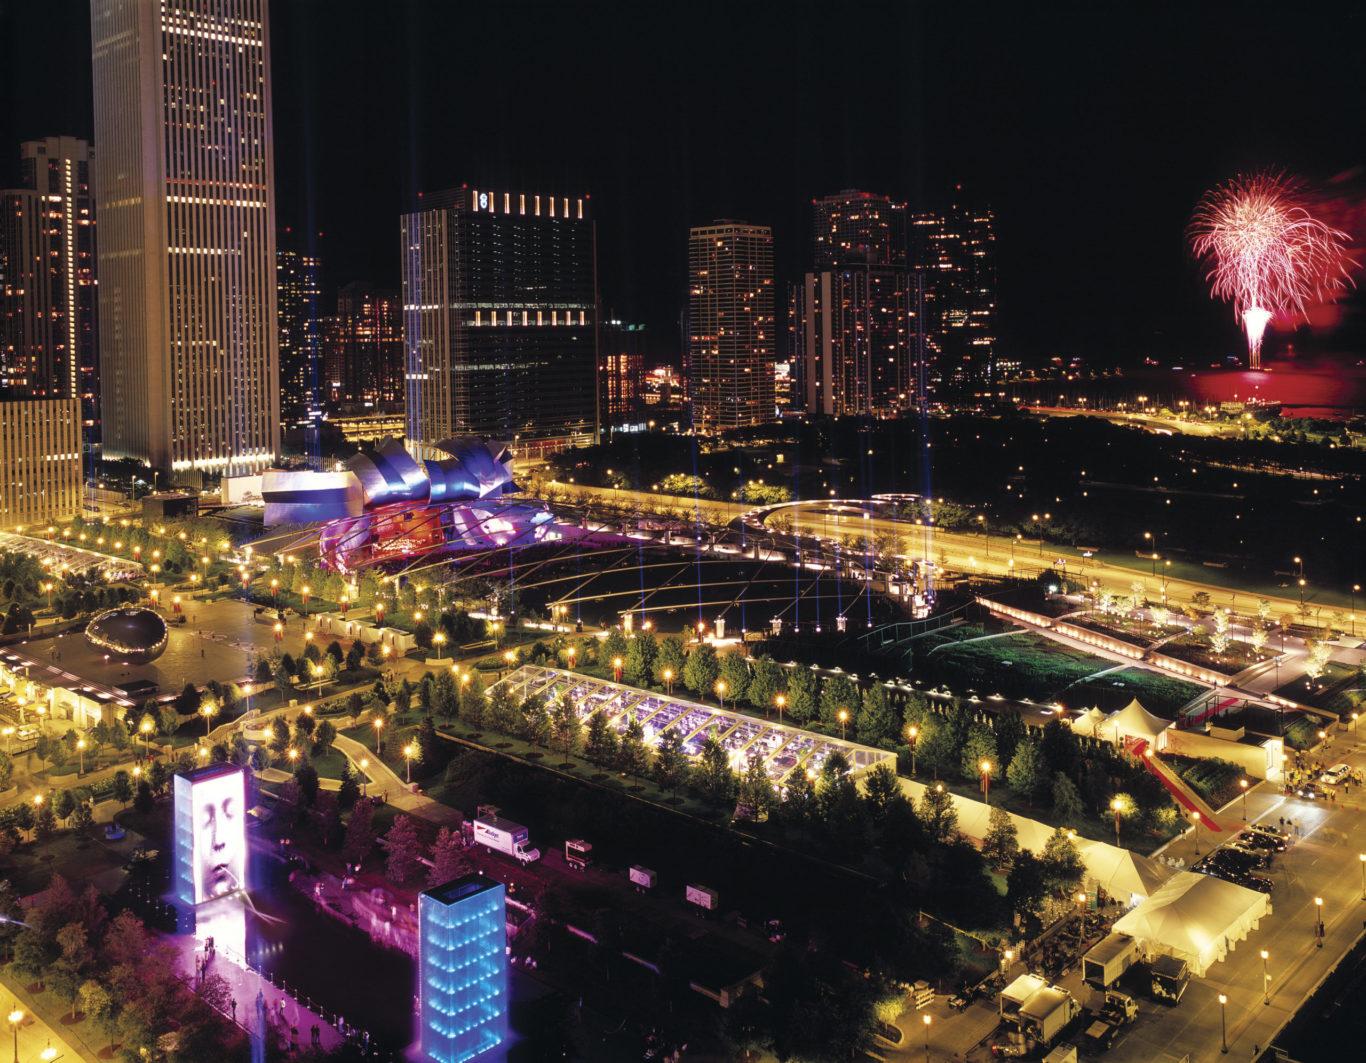 Slide 3 of 4, Millenium Park Chicago